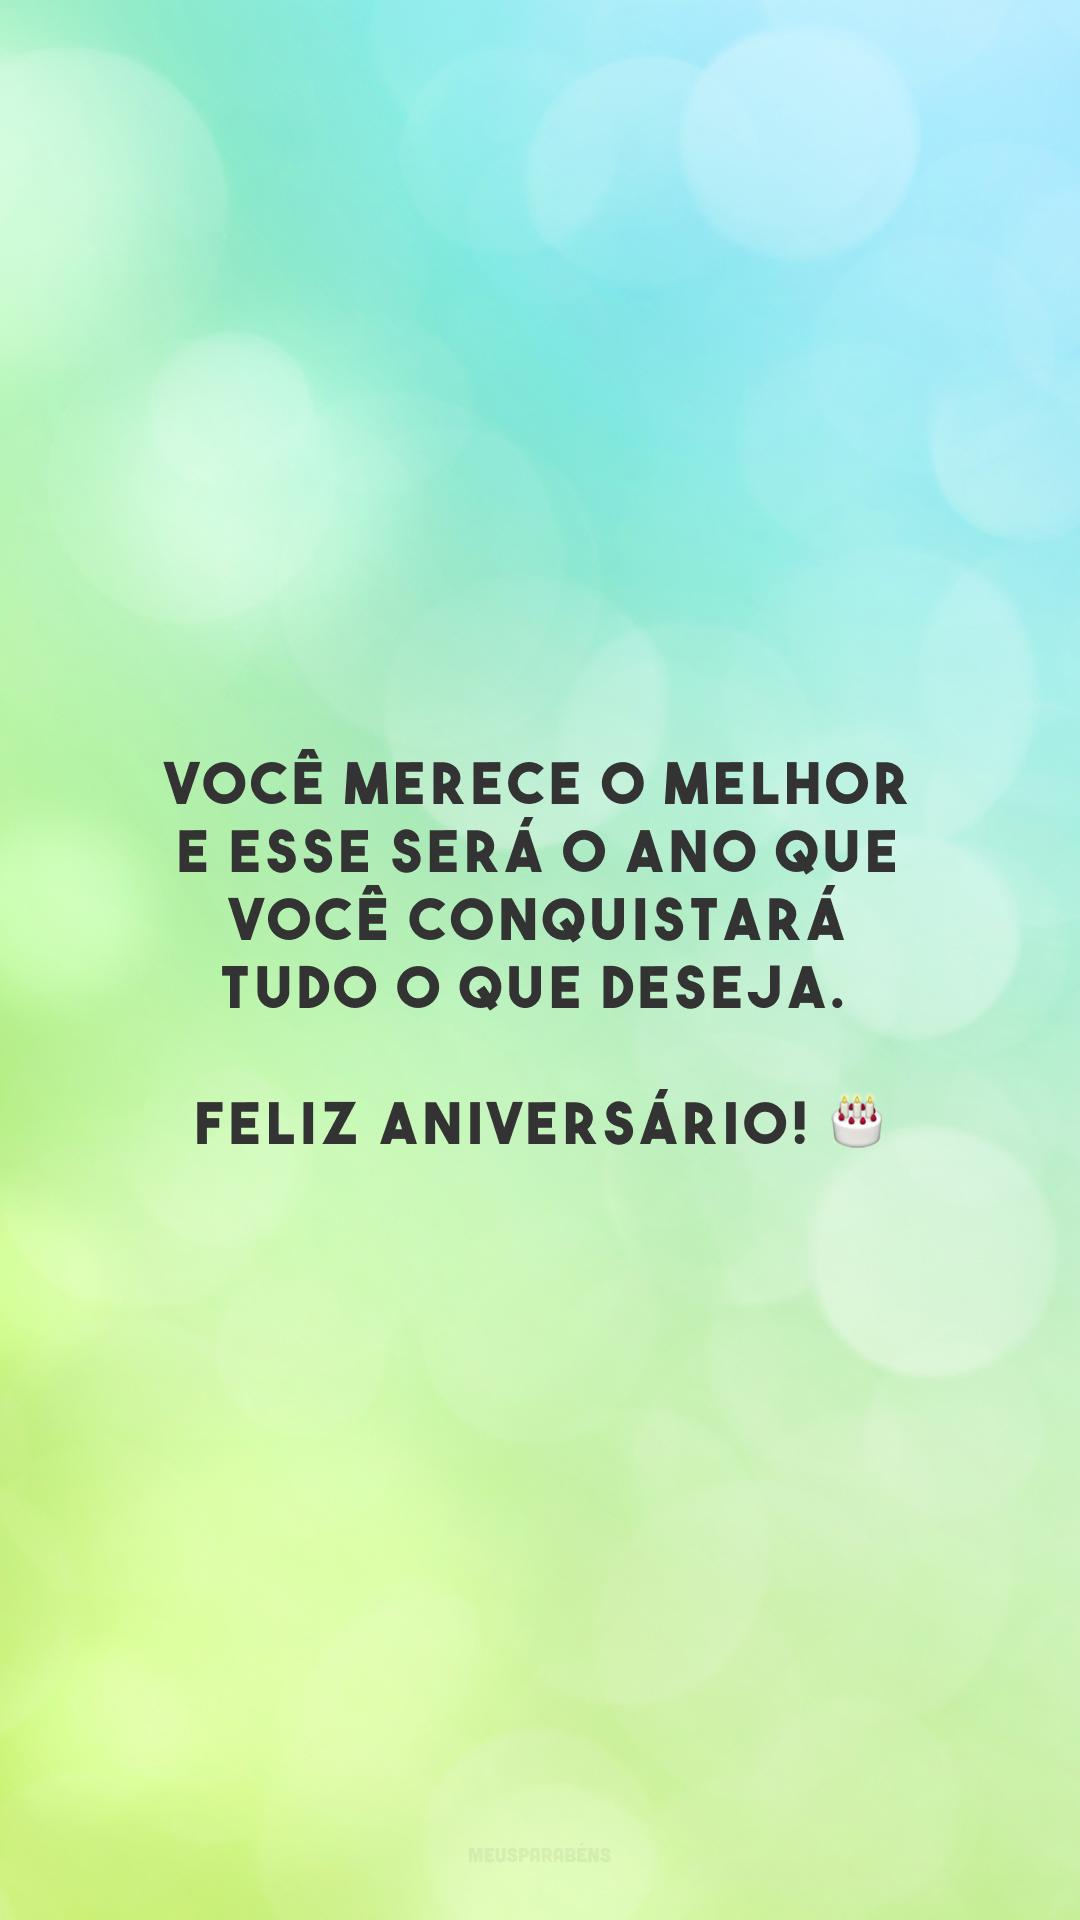 Você merece o melhor e esse será o ano que você conquistará tudo o que deseja. Feliz aniversário! 🎂